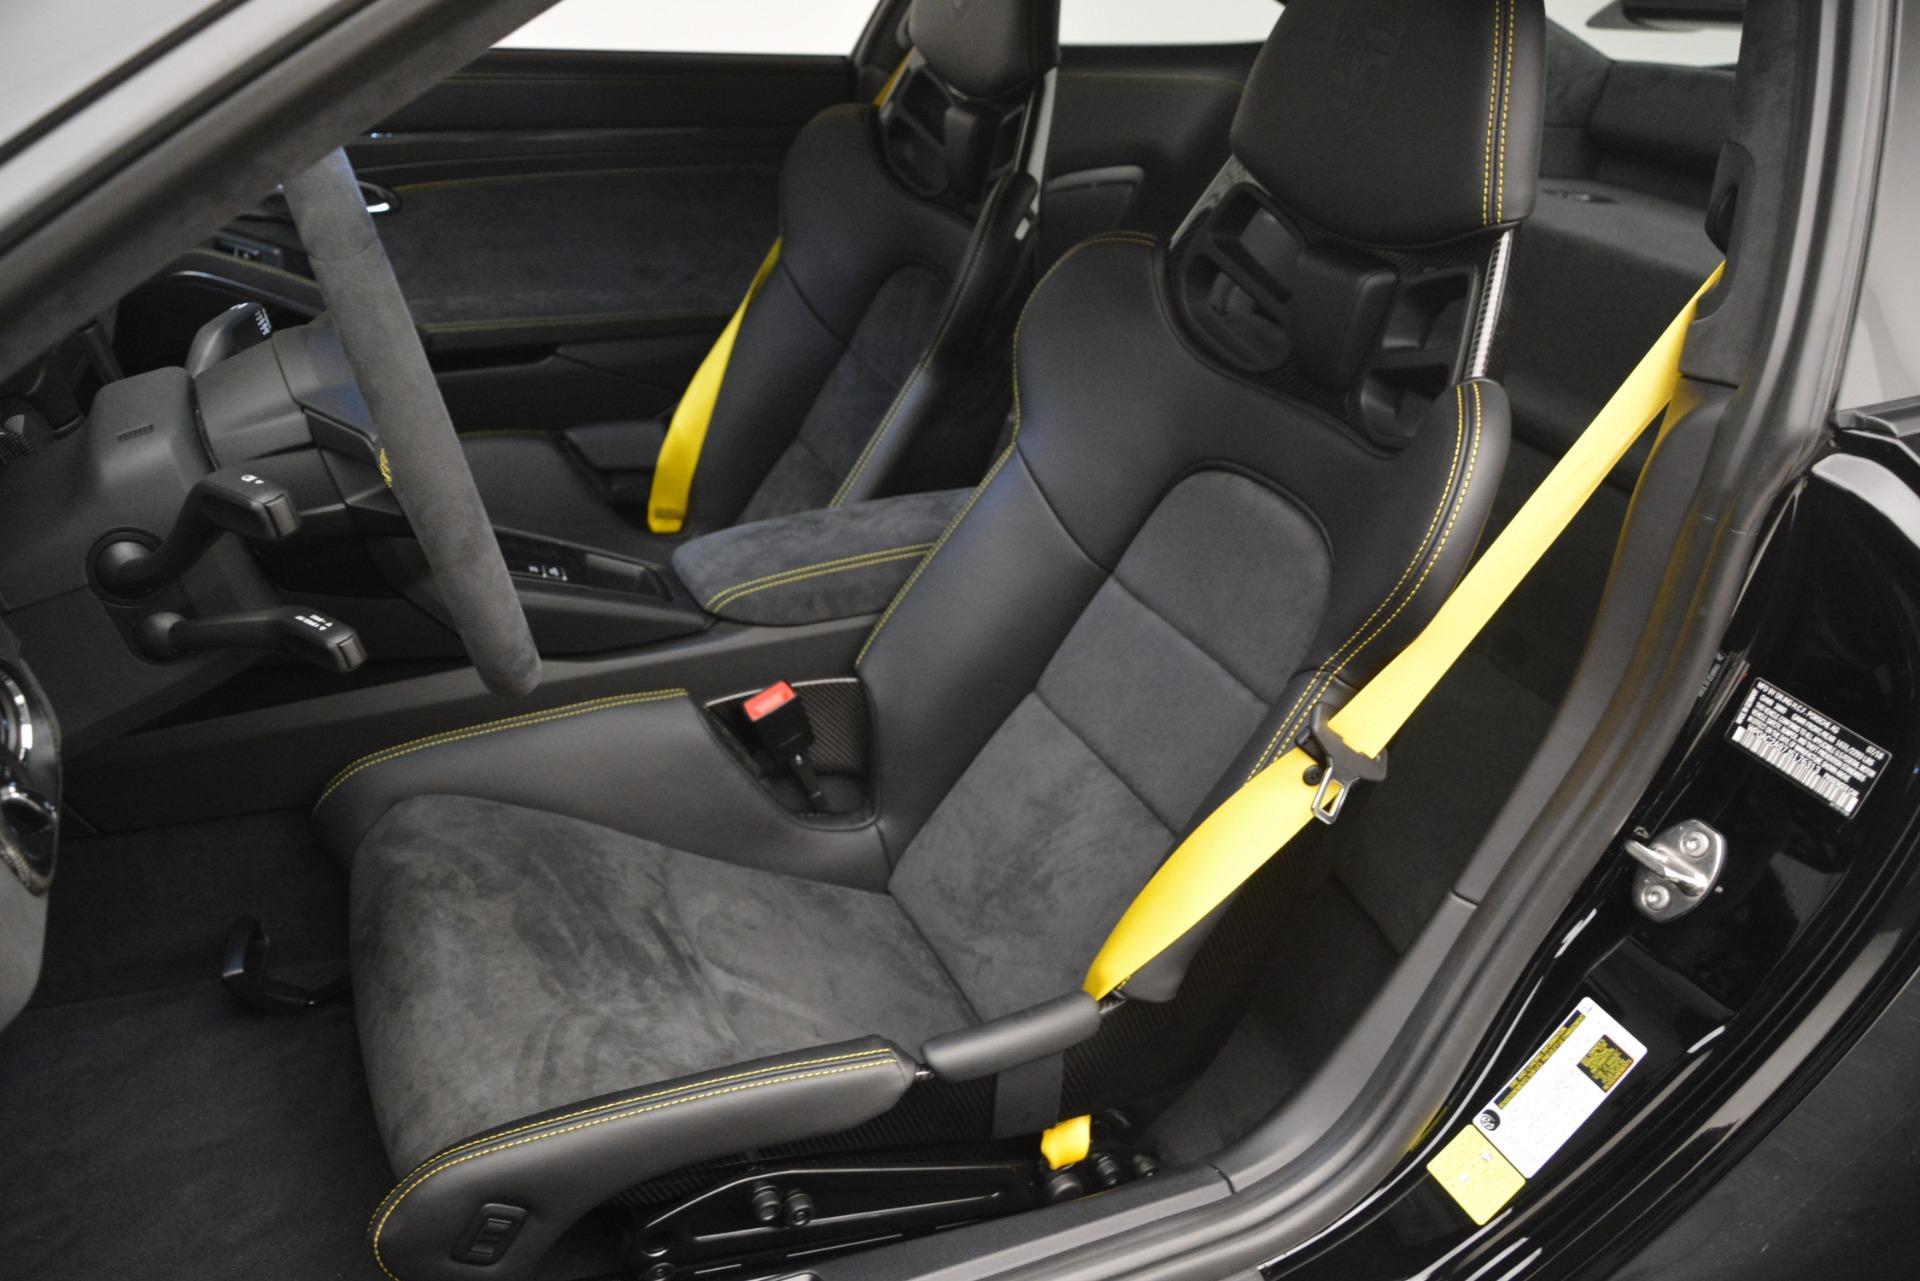 Used 2018 Porsche 911 GT3 For Sale In Westport, CT 3056_p15